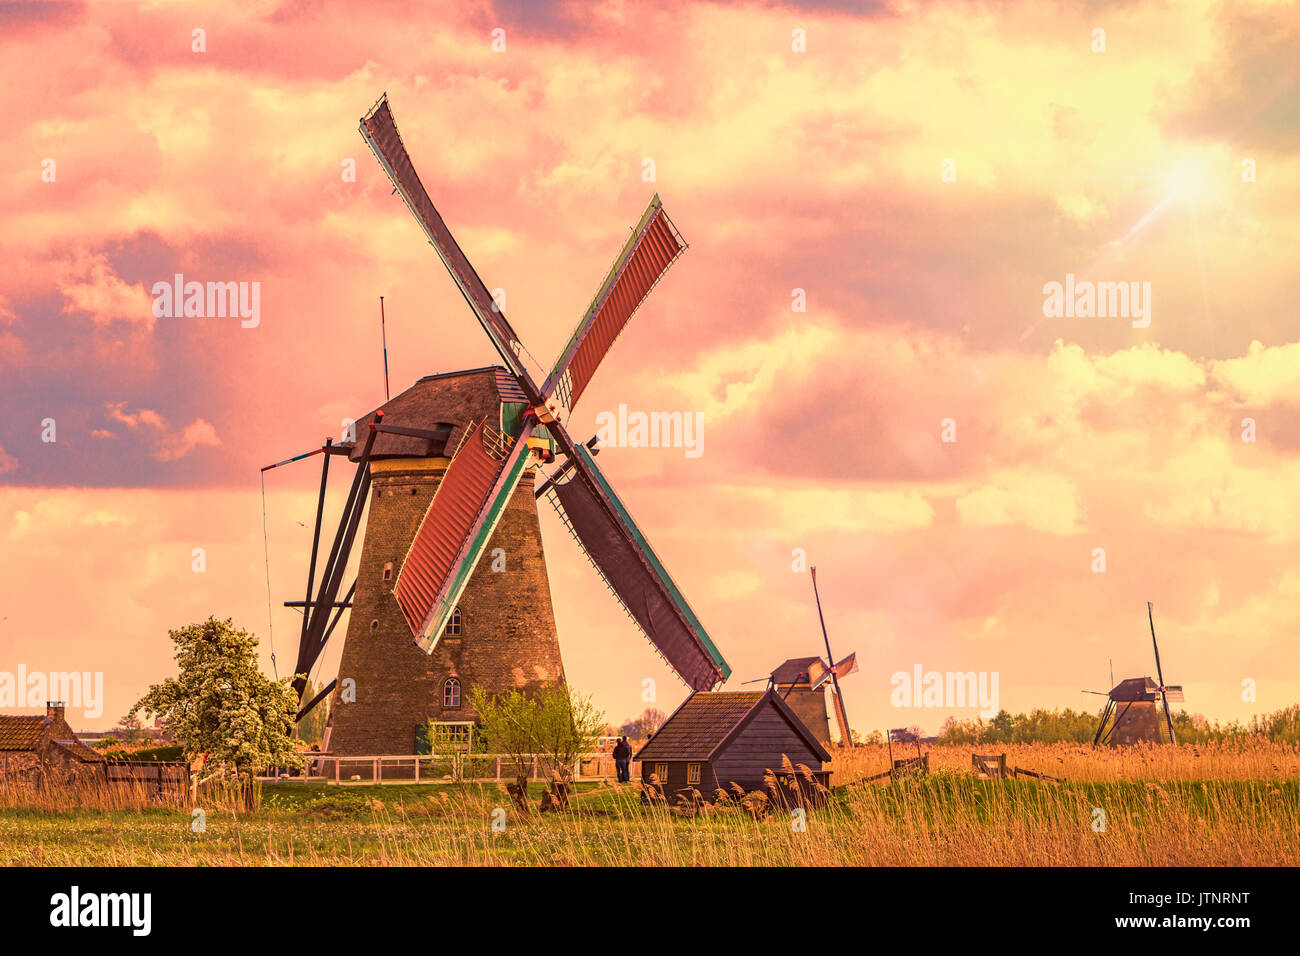 Kinderdijk, elencati nel sito patrimonio mondiale dell'UNESCO si trova a Alblasserdam, vicino a Rotterdam, Paesi Bassi Immagini Stock